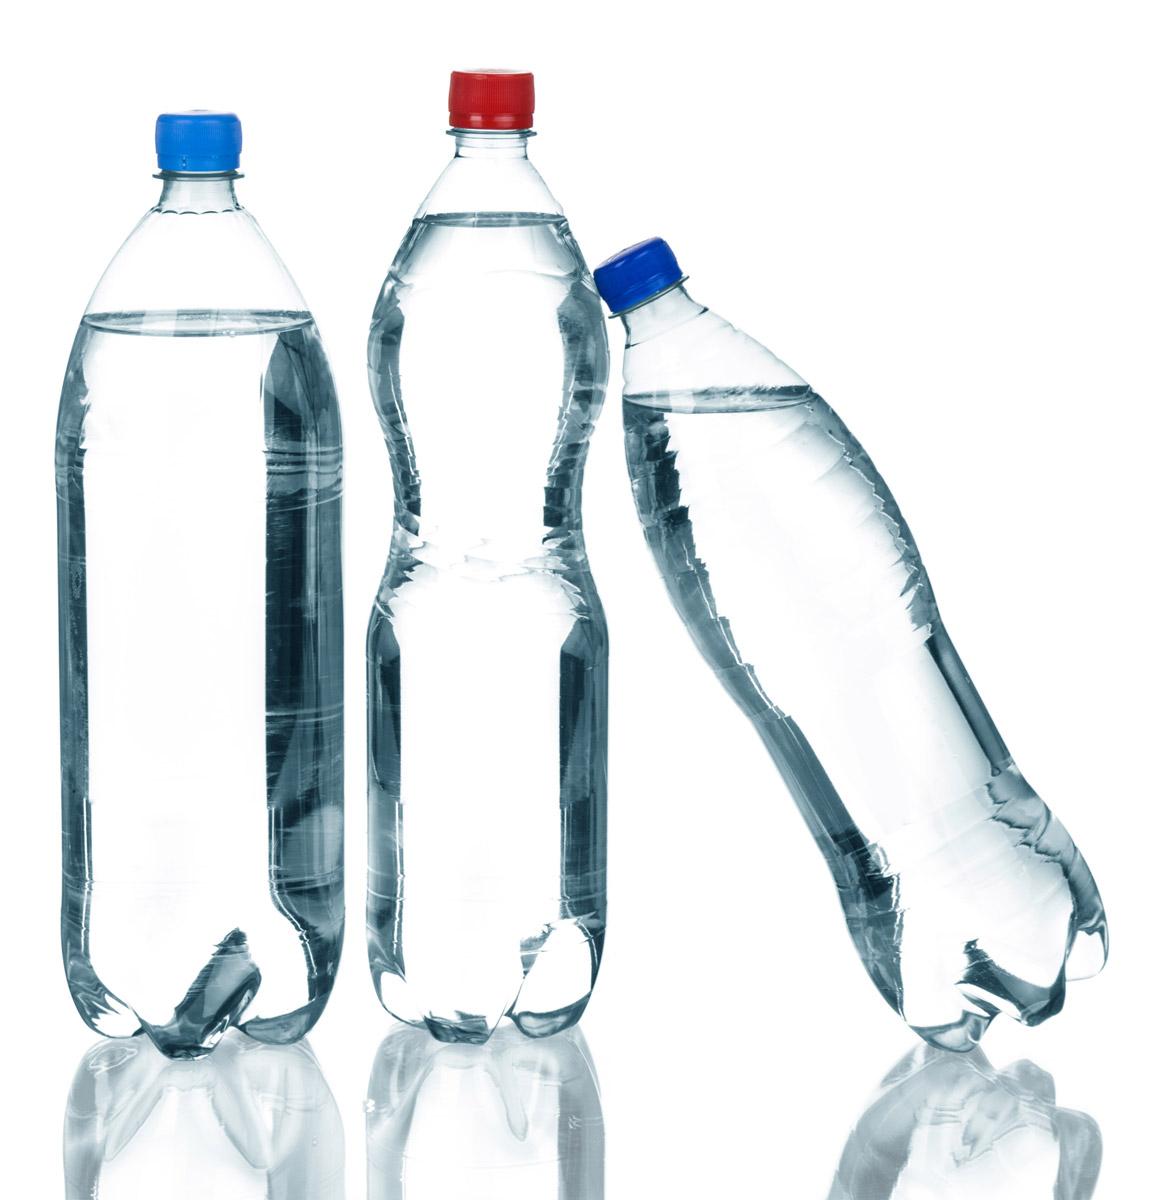 Plástico Moderno, PET: Produção local cresce em quantidade e qualidade, e apoia avanço da resina